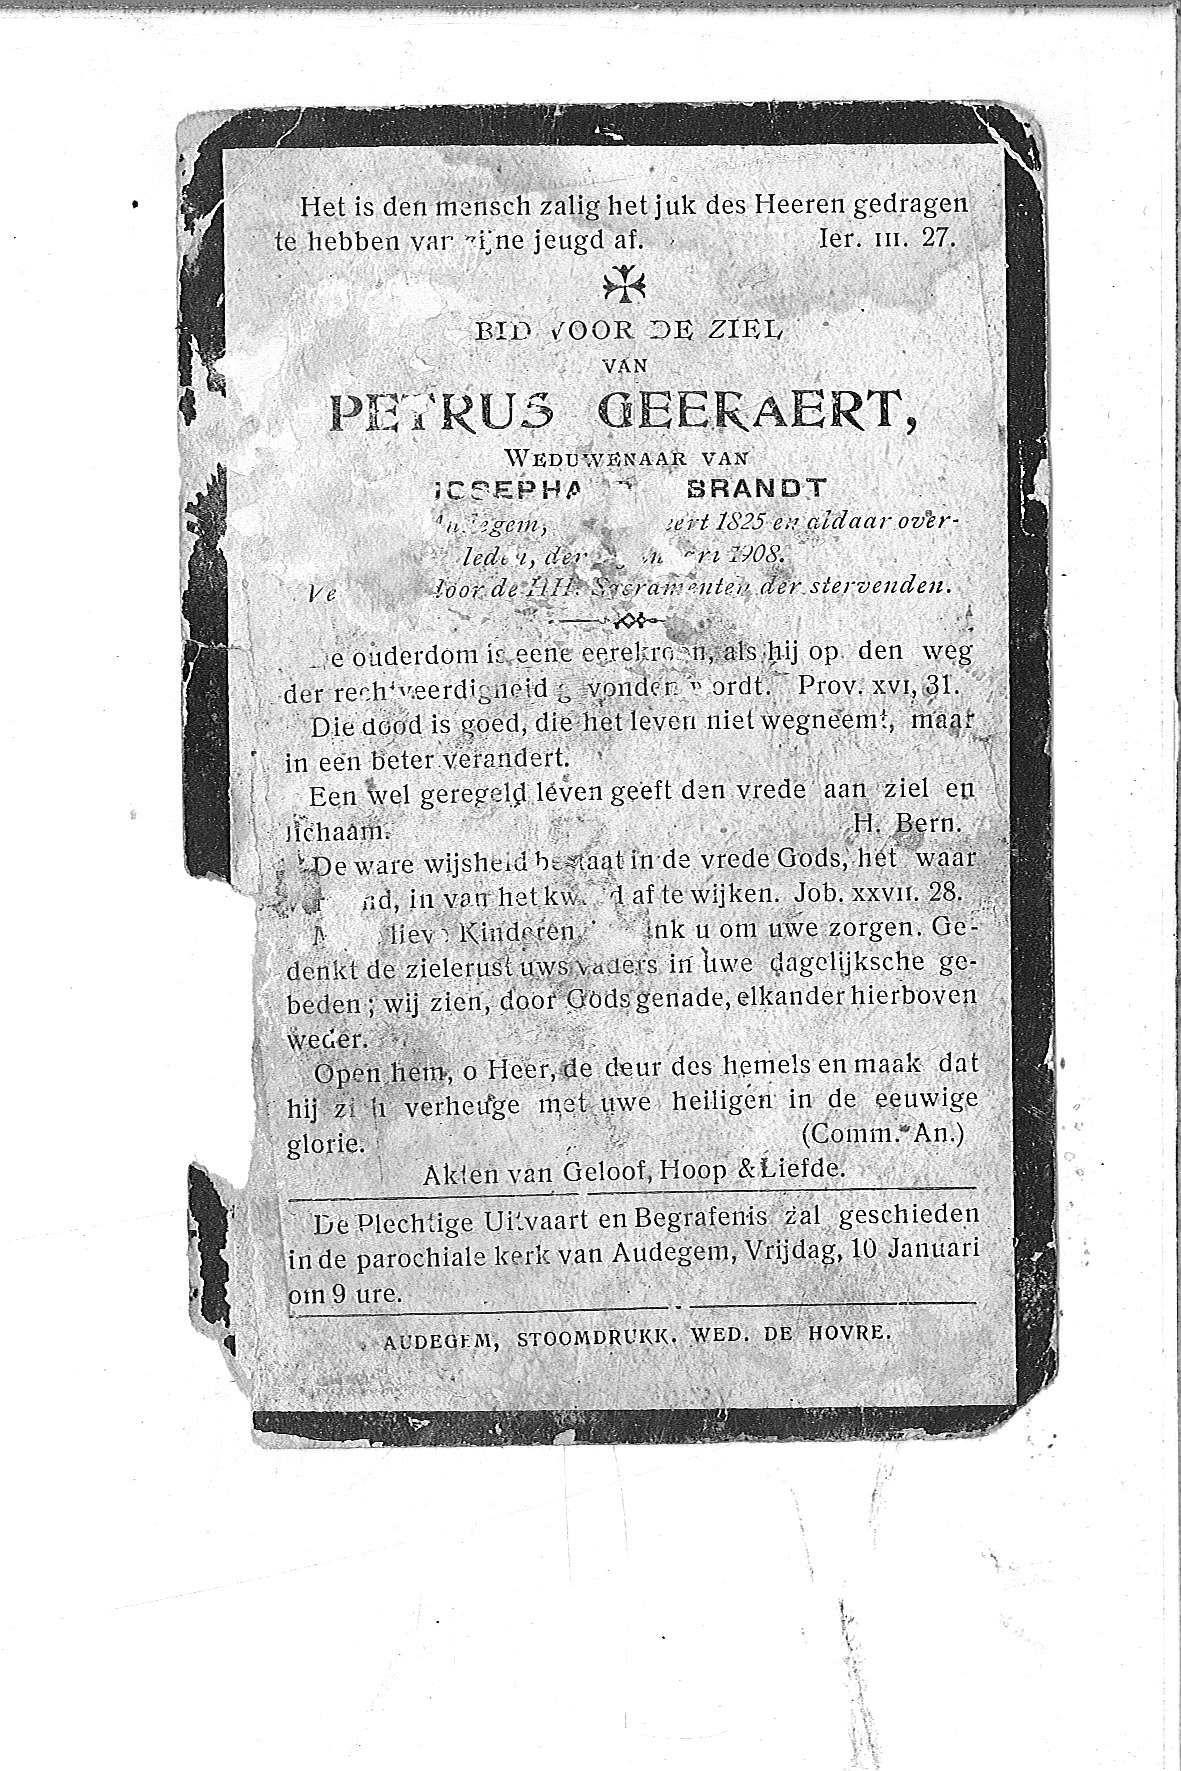 Petrus(1908)20130822140146_00008.jpg